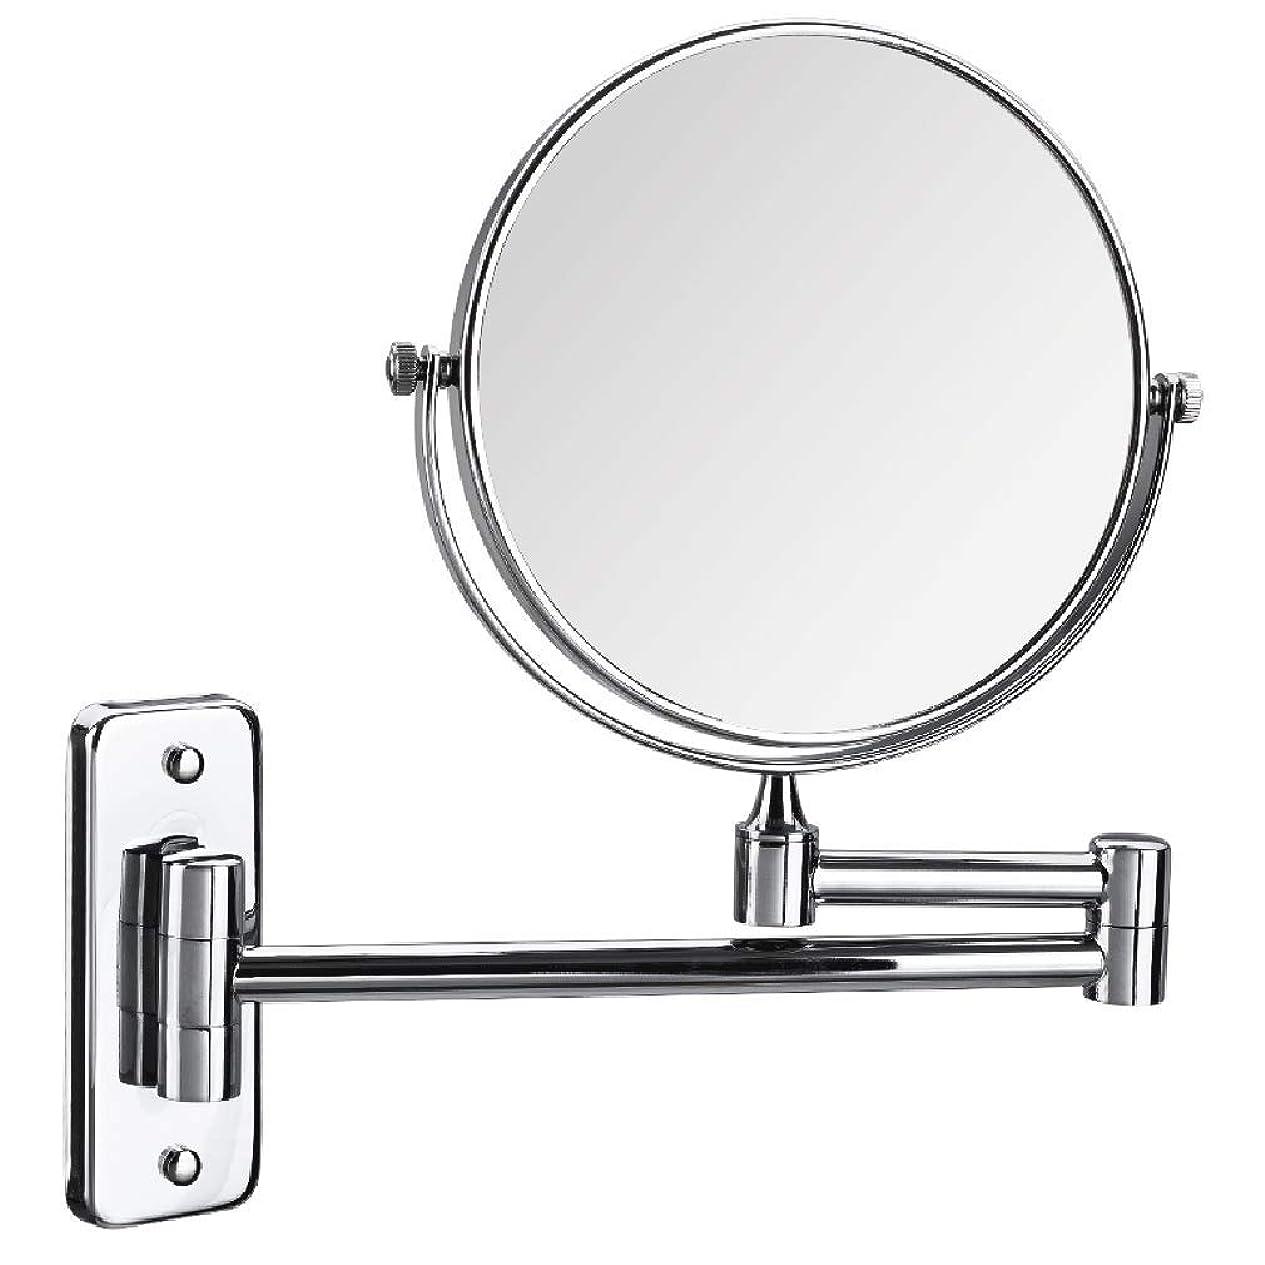 ホールドオールシーズンスピーチCUUYQ 化粧鏡 壁掛け式 3倍拡大 けメイクミラー 両面浴室用ミラー360 °回転 伸縮可能折り 化粧ミラー,Silver_8inch